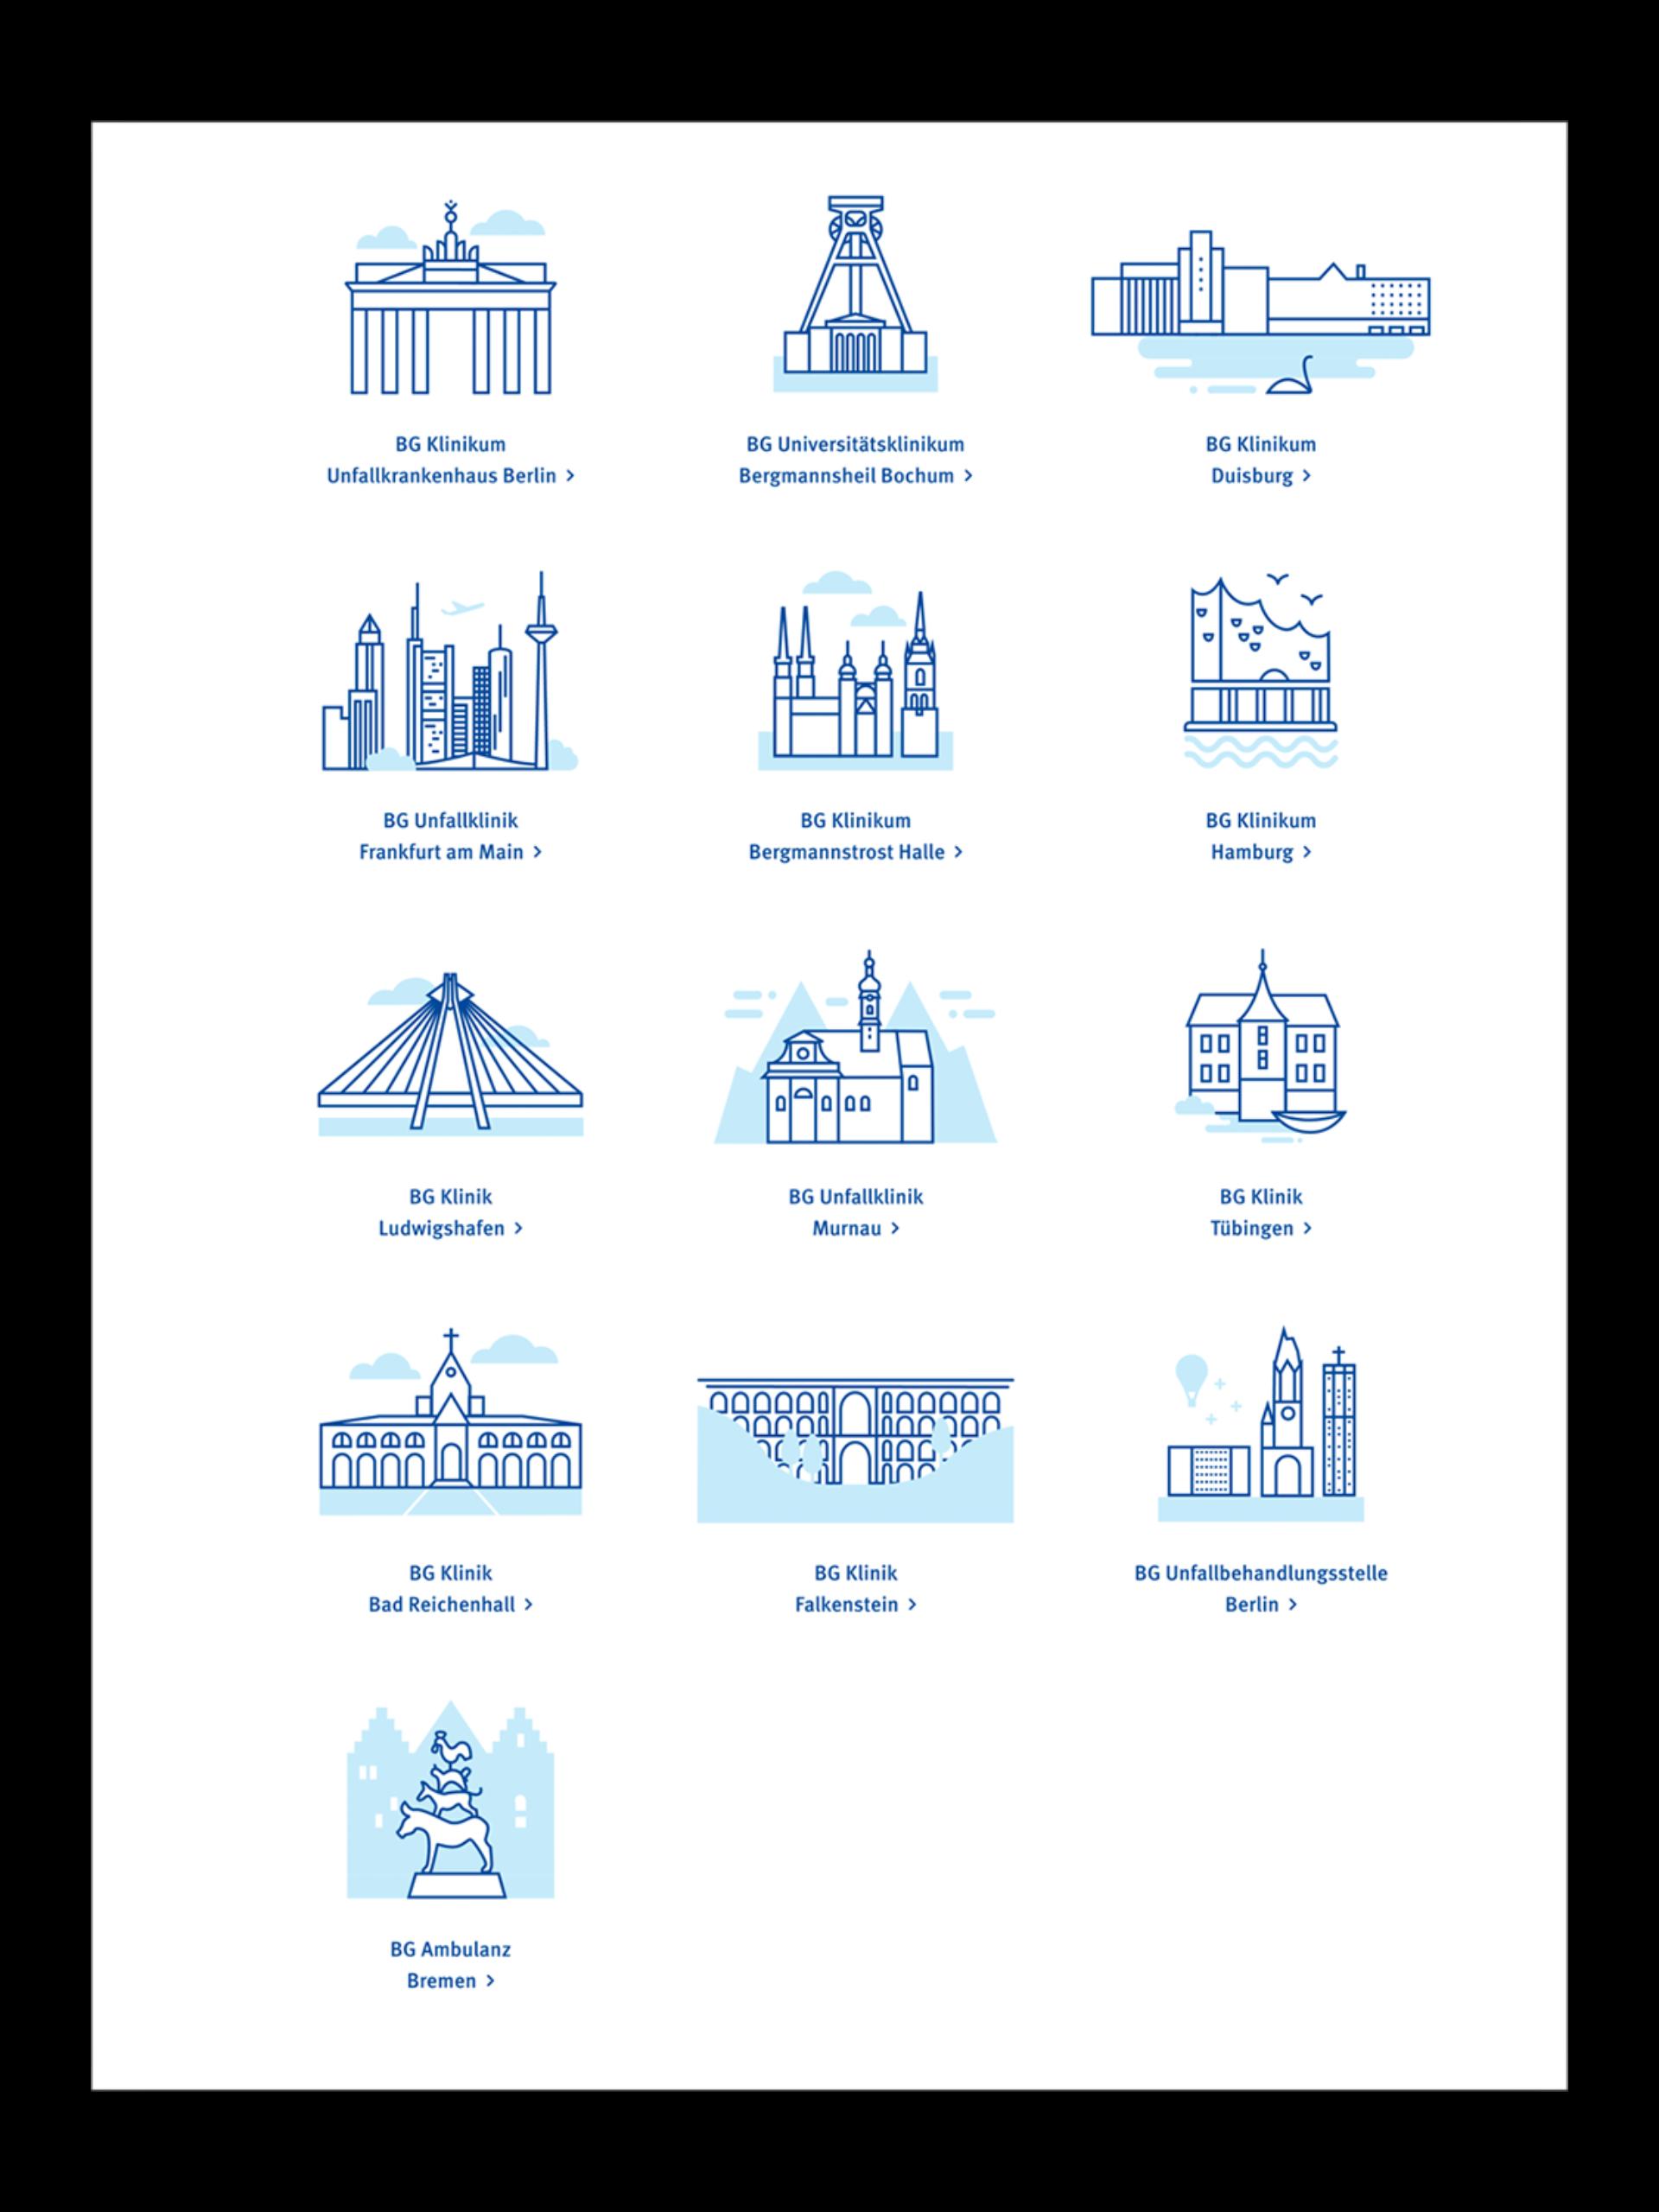 Illustrationen der einzelnen BG Klinik Standorten.